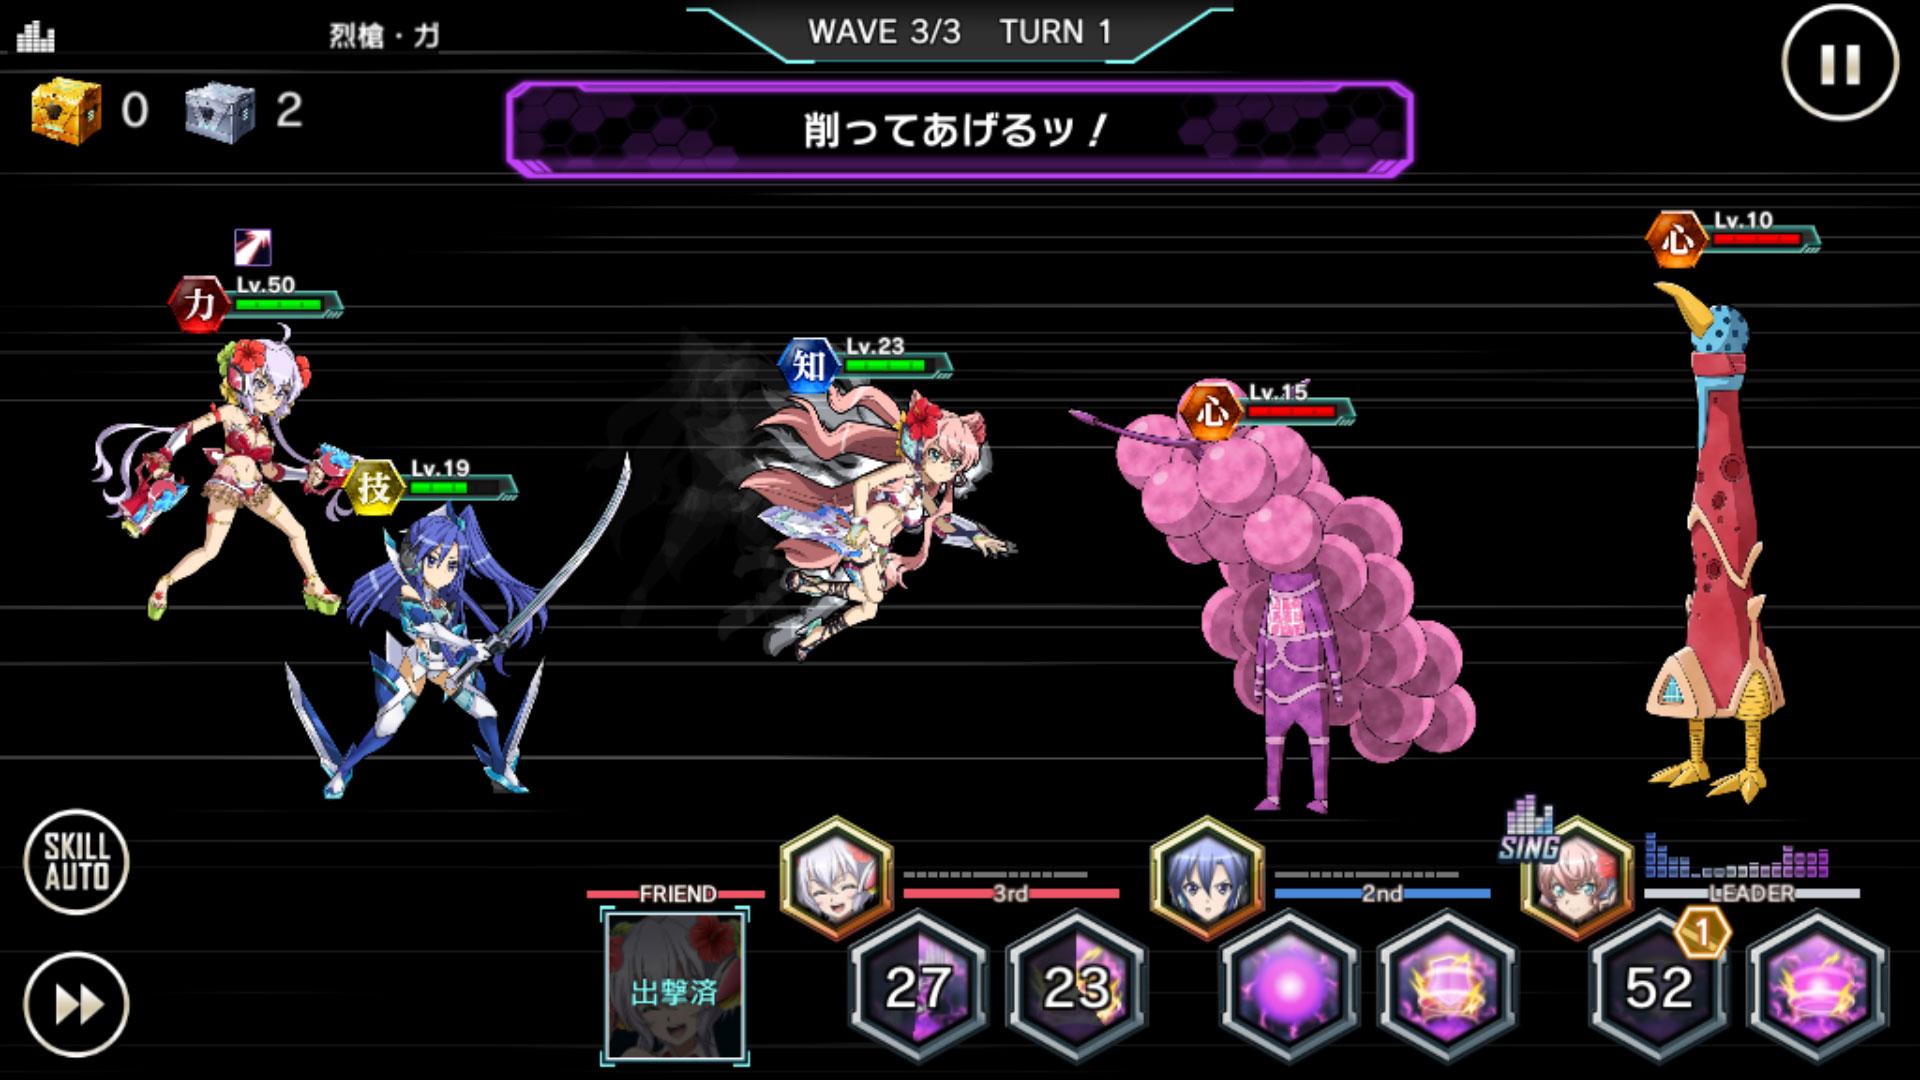 シンフォギアxd 戦闘画面